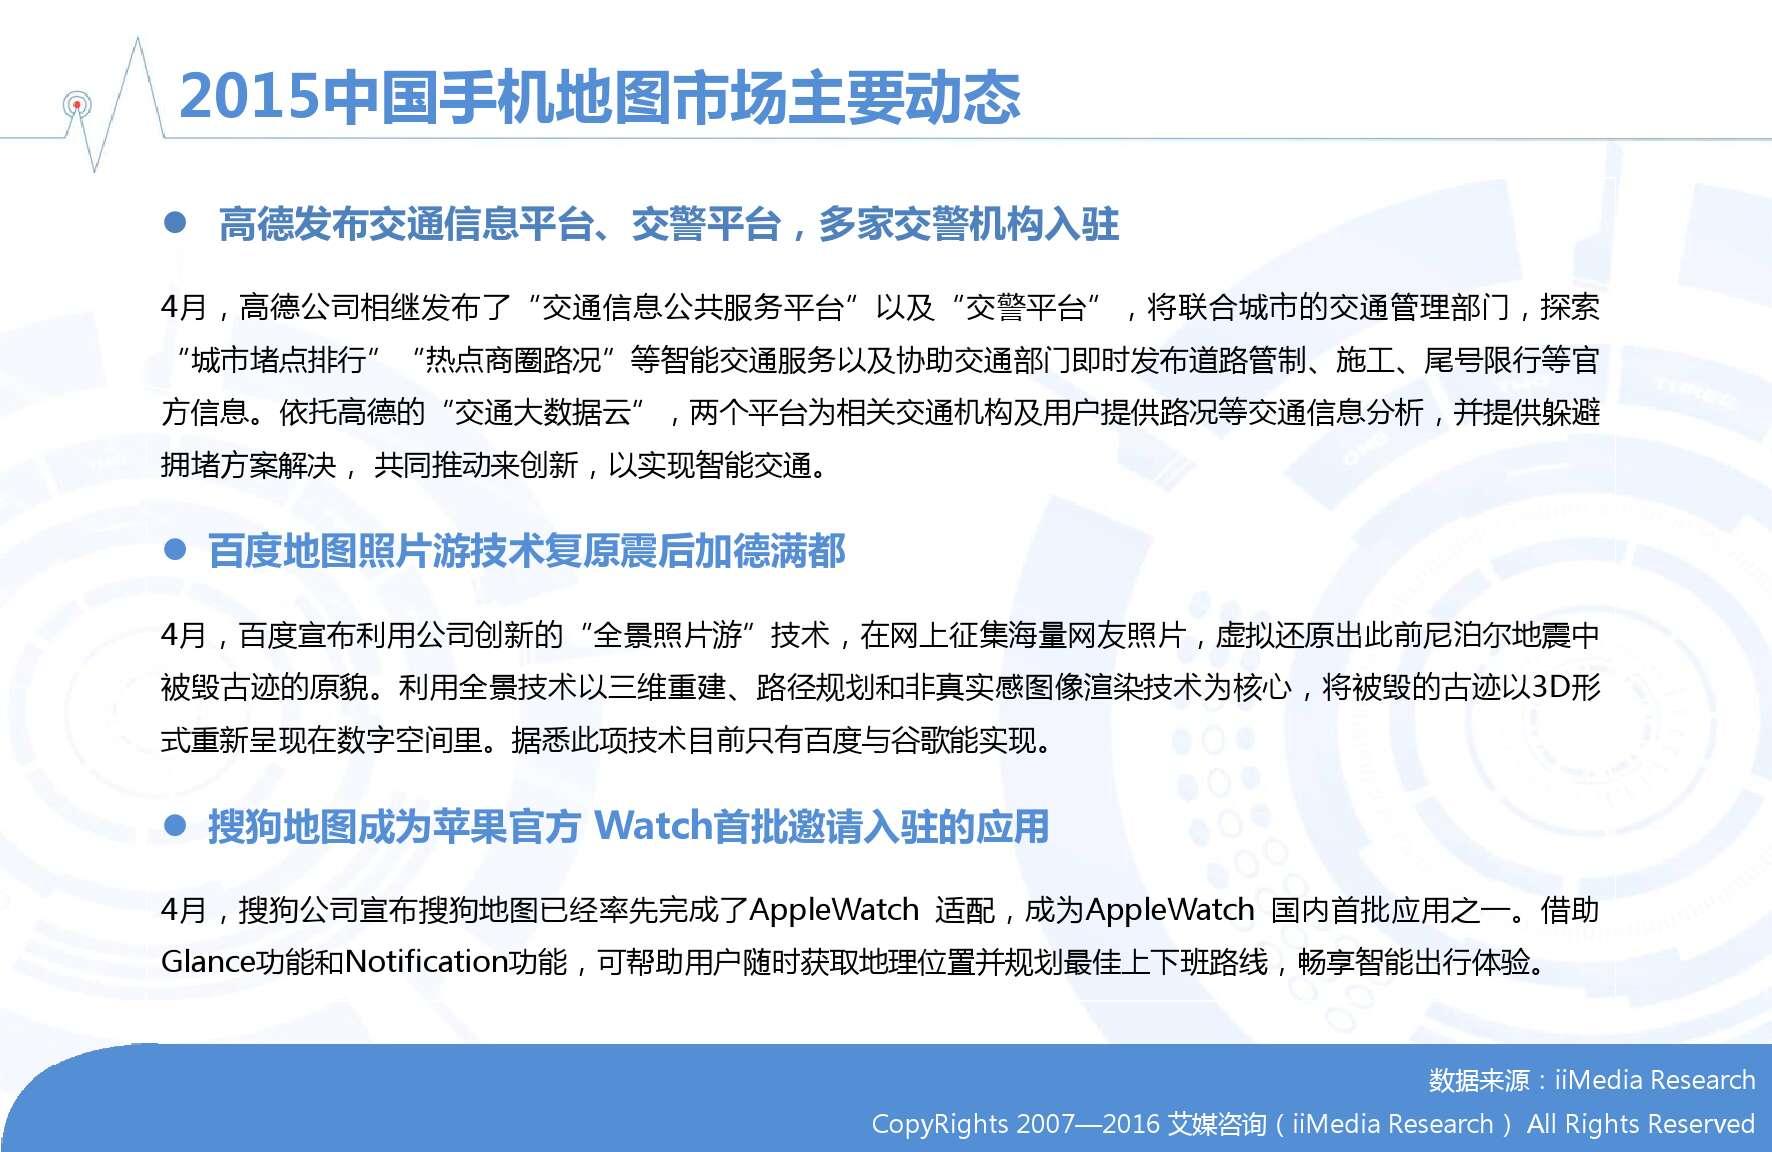 2015-2016年中国手机地图市场研究_000005